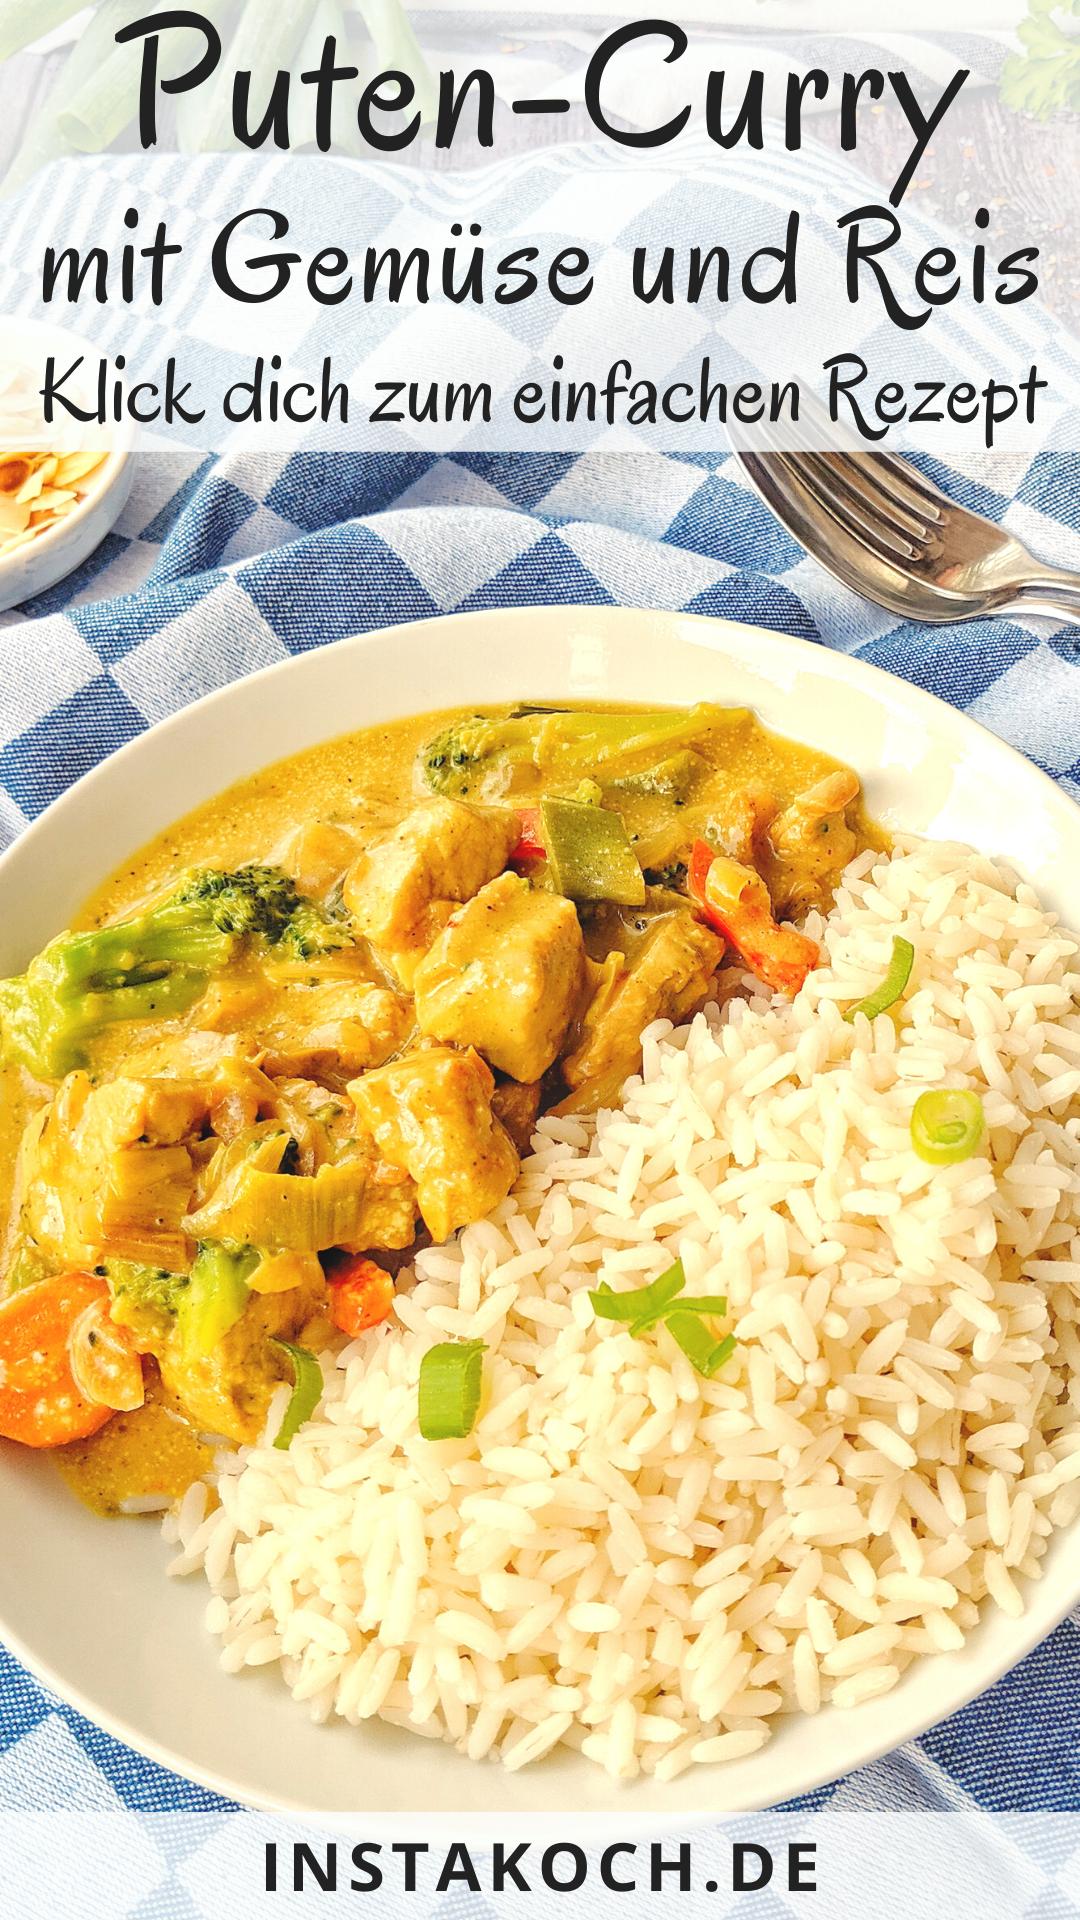 Puten-Curry mit Brokkoli, Mandeln und Reis - Klick